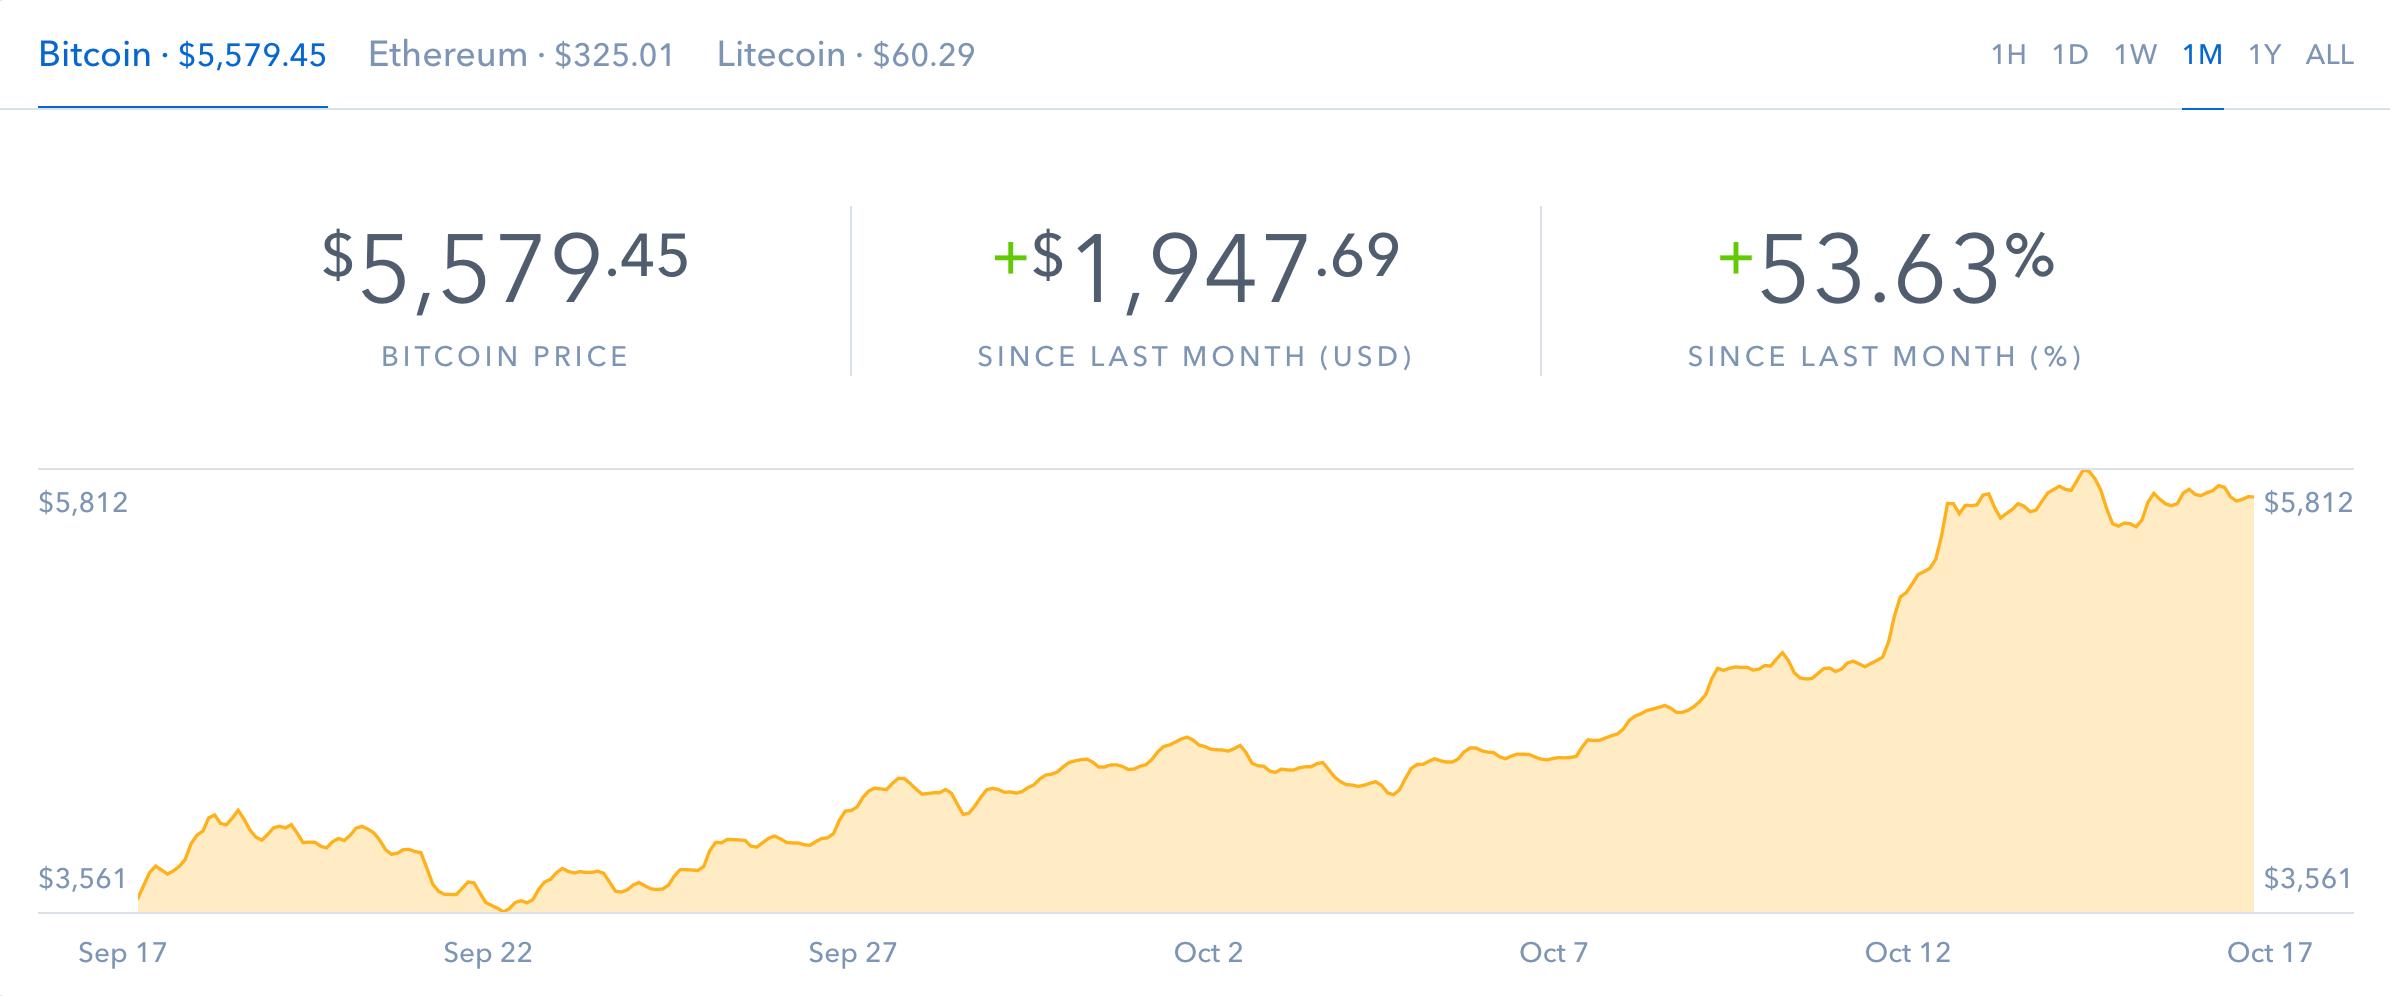 Popular trading platform